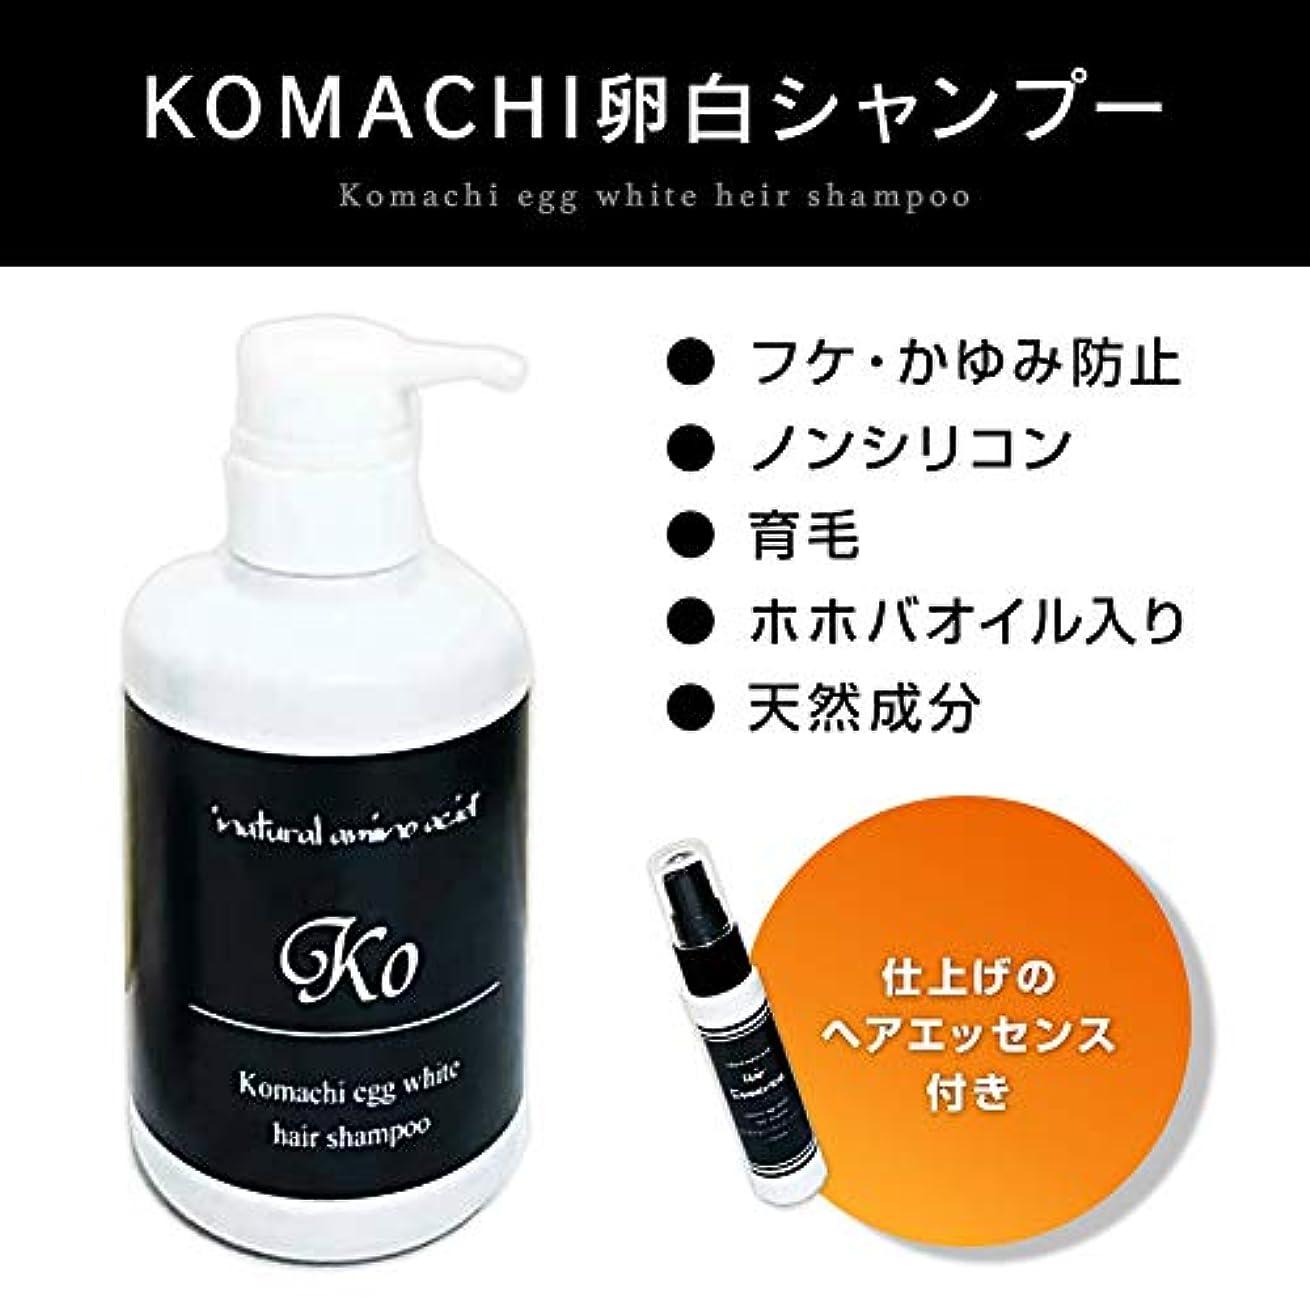 シーンバブル積分KOMACHI シャンプー メンズ 無添加 人気 オーガニック ノンシリコン 日本製 ホホバオイル入り ヘアエッセンス付きシャンプー セット